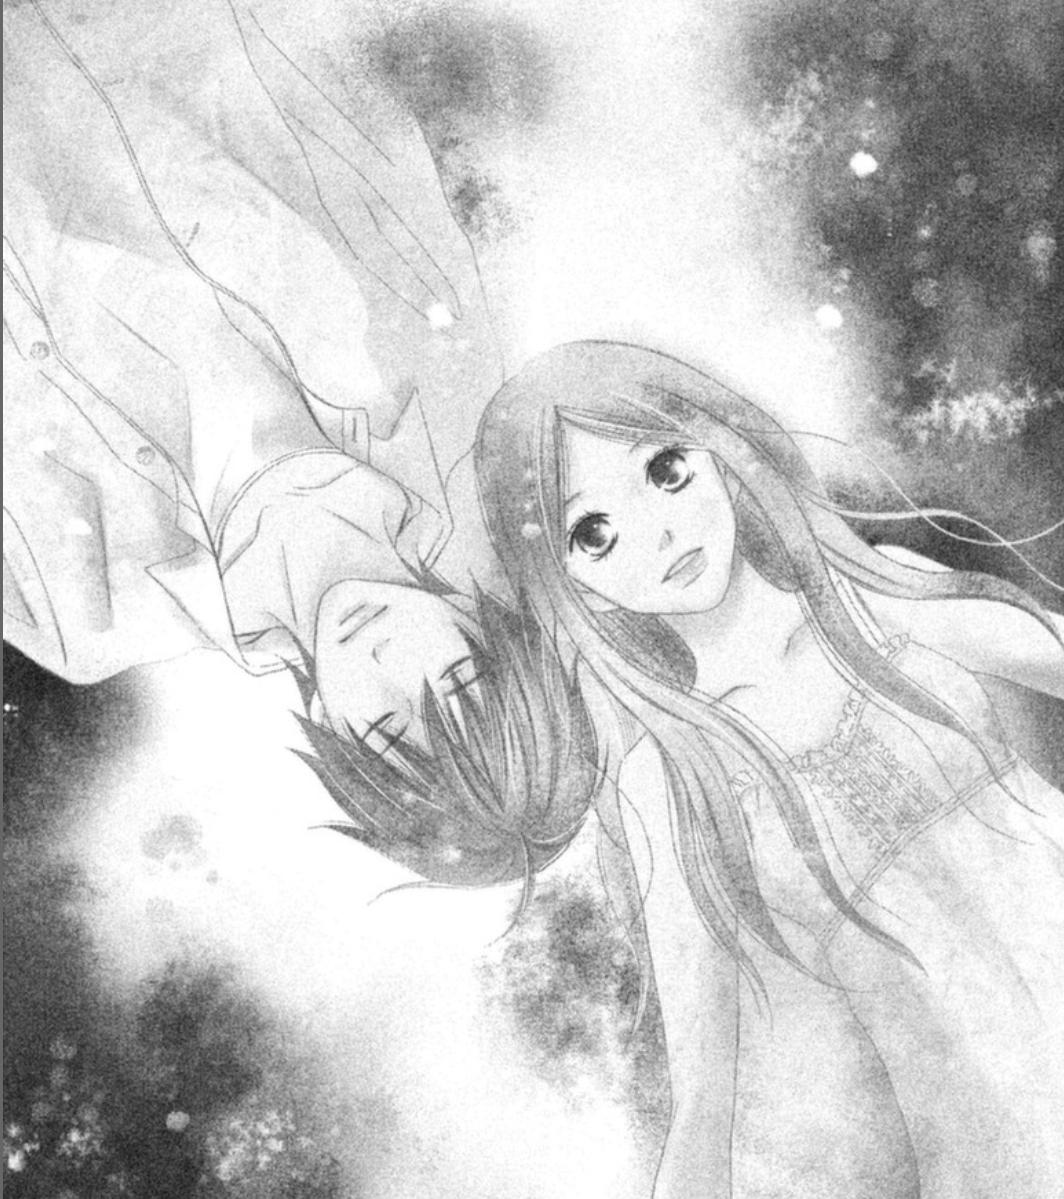 漫画『パーフェクトワールド』の魅力3:少女漫画として超王道!感情移入必須のラブストーリー!!